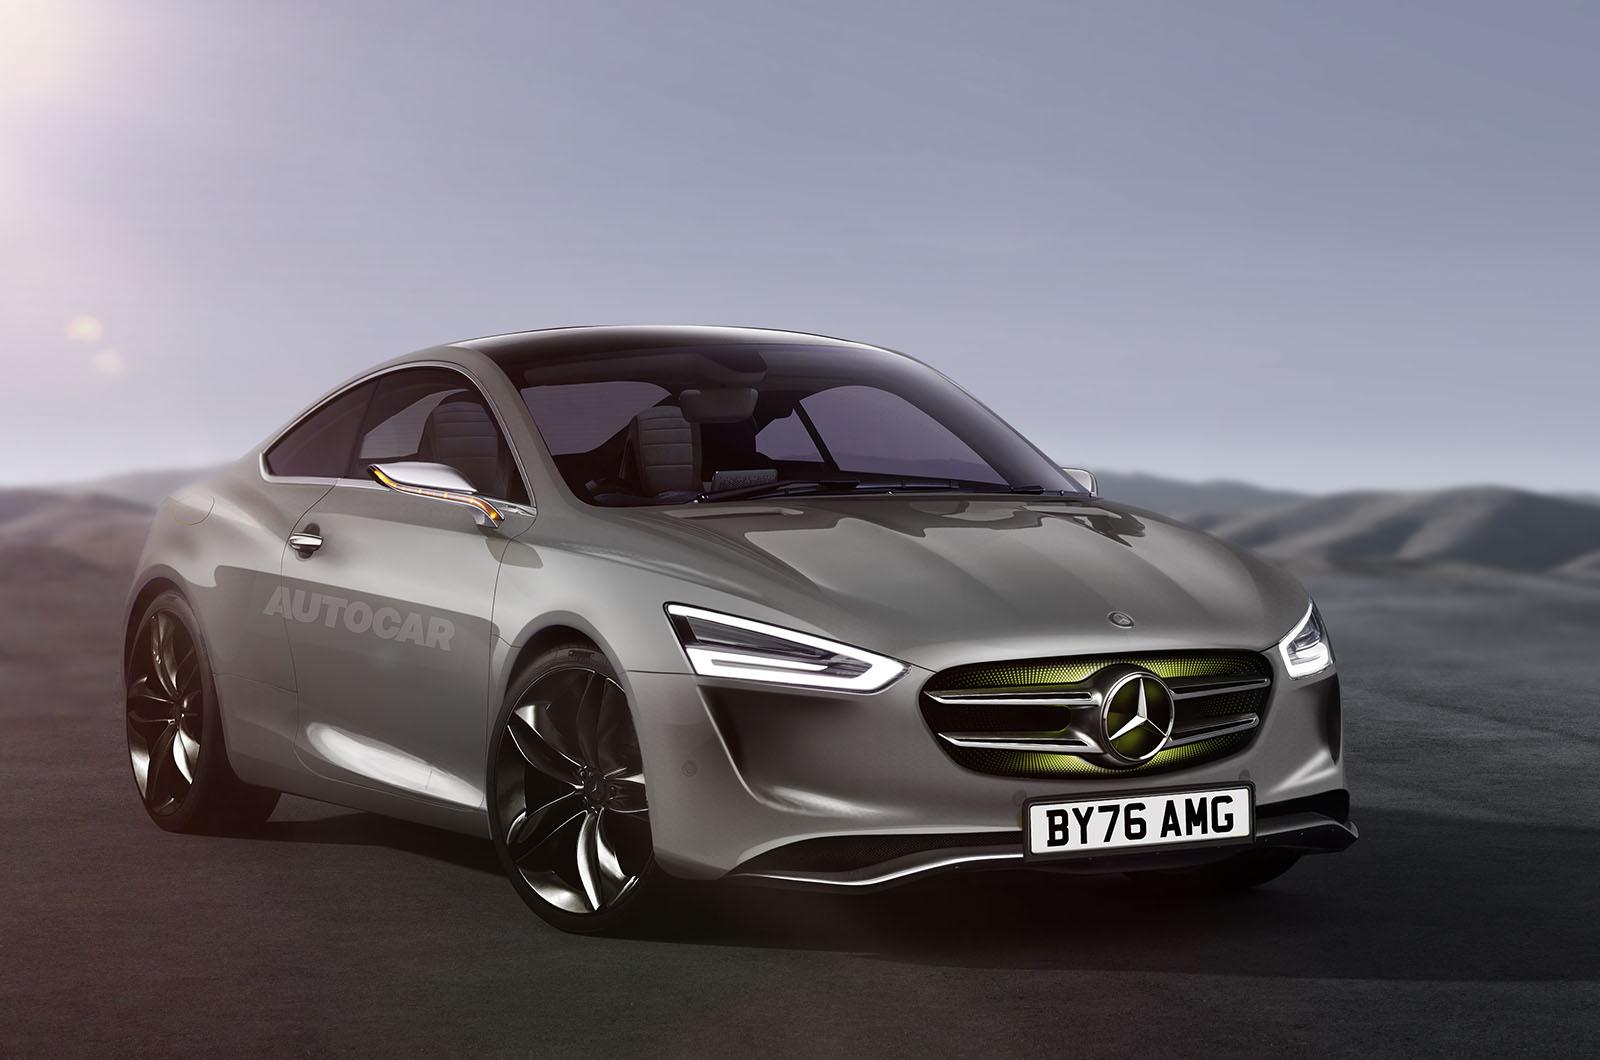 Mercedes-Benz targets Audi TT with new coupé | Autocar